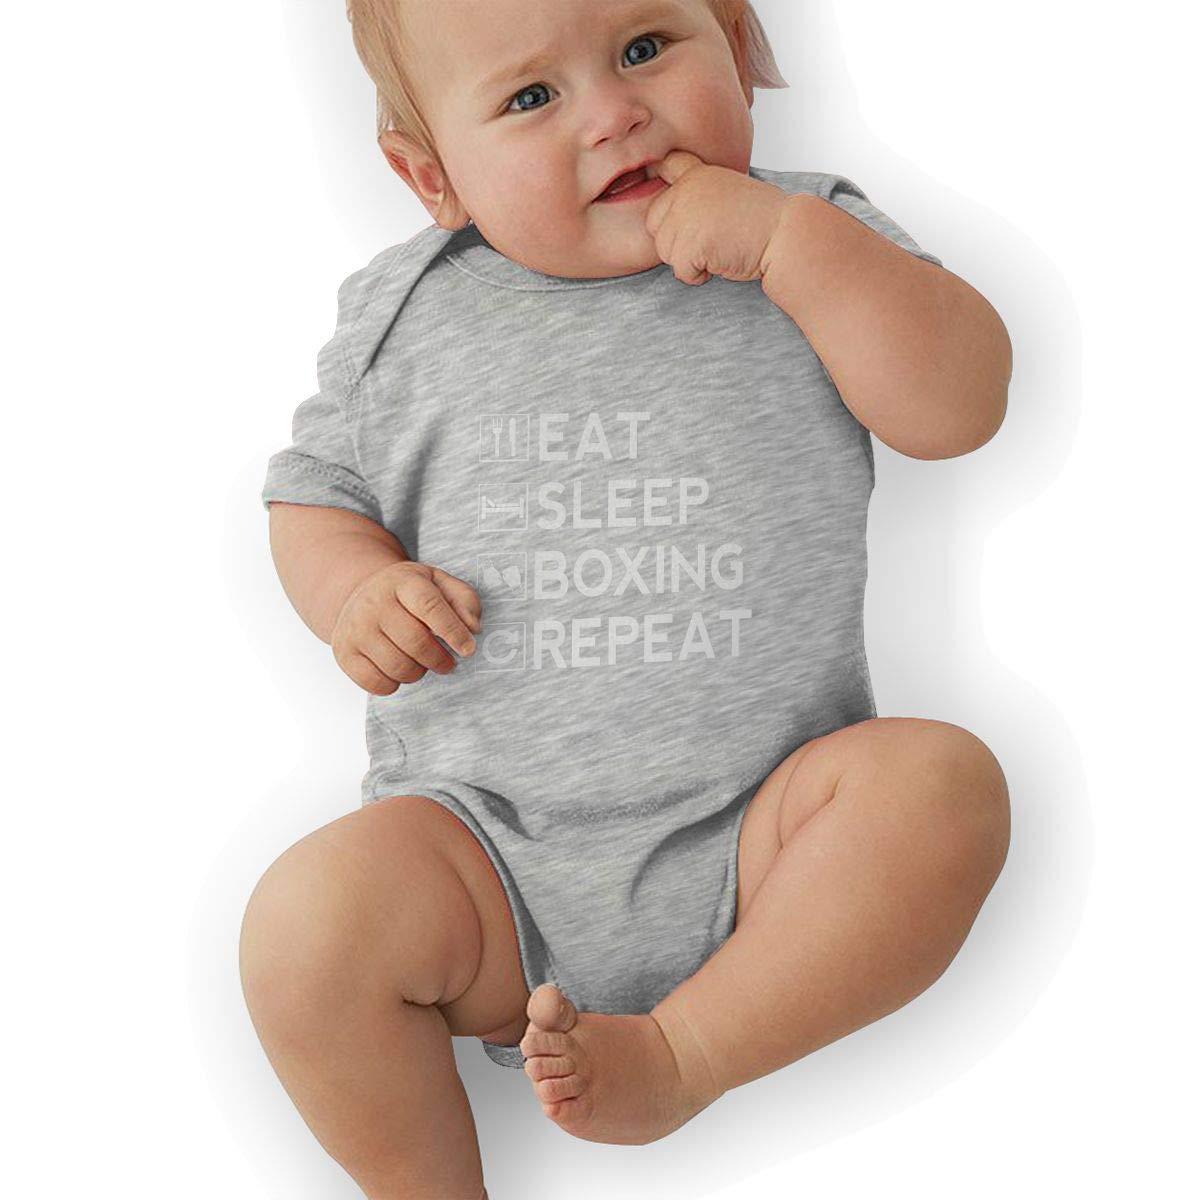 biernsege Newborn Baby Boys Bodysuit Short-Sleeve Onesie Eat Sleep Boxing Repeat Print Outfit Winter Pajamas